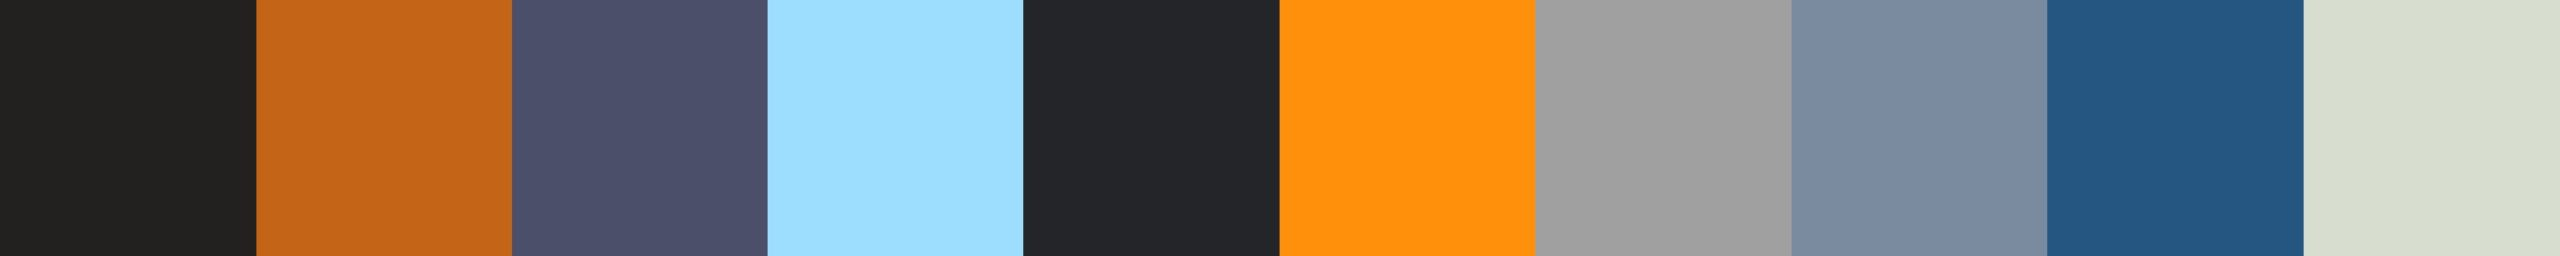 169 Periviala Color Palette